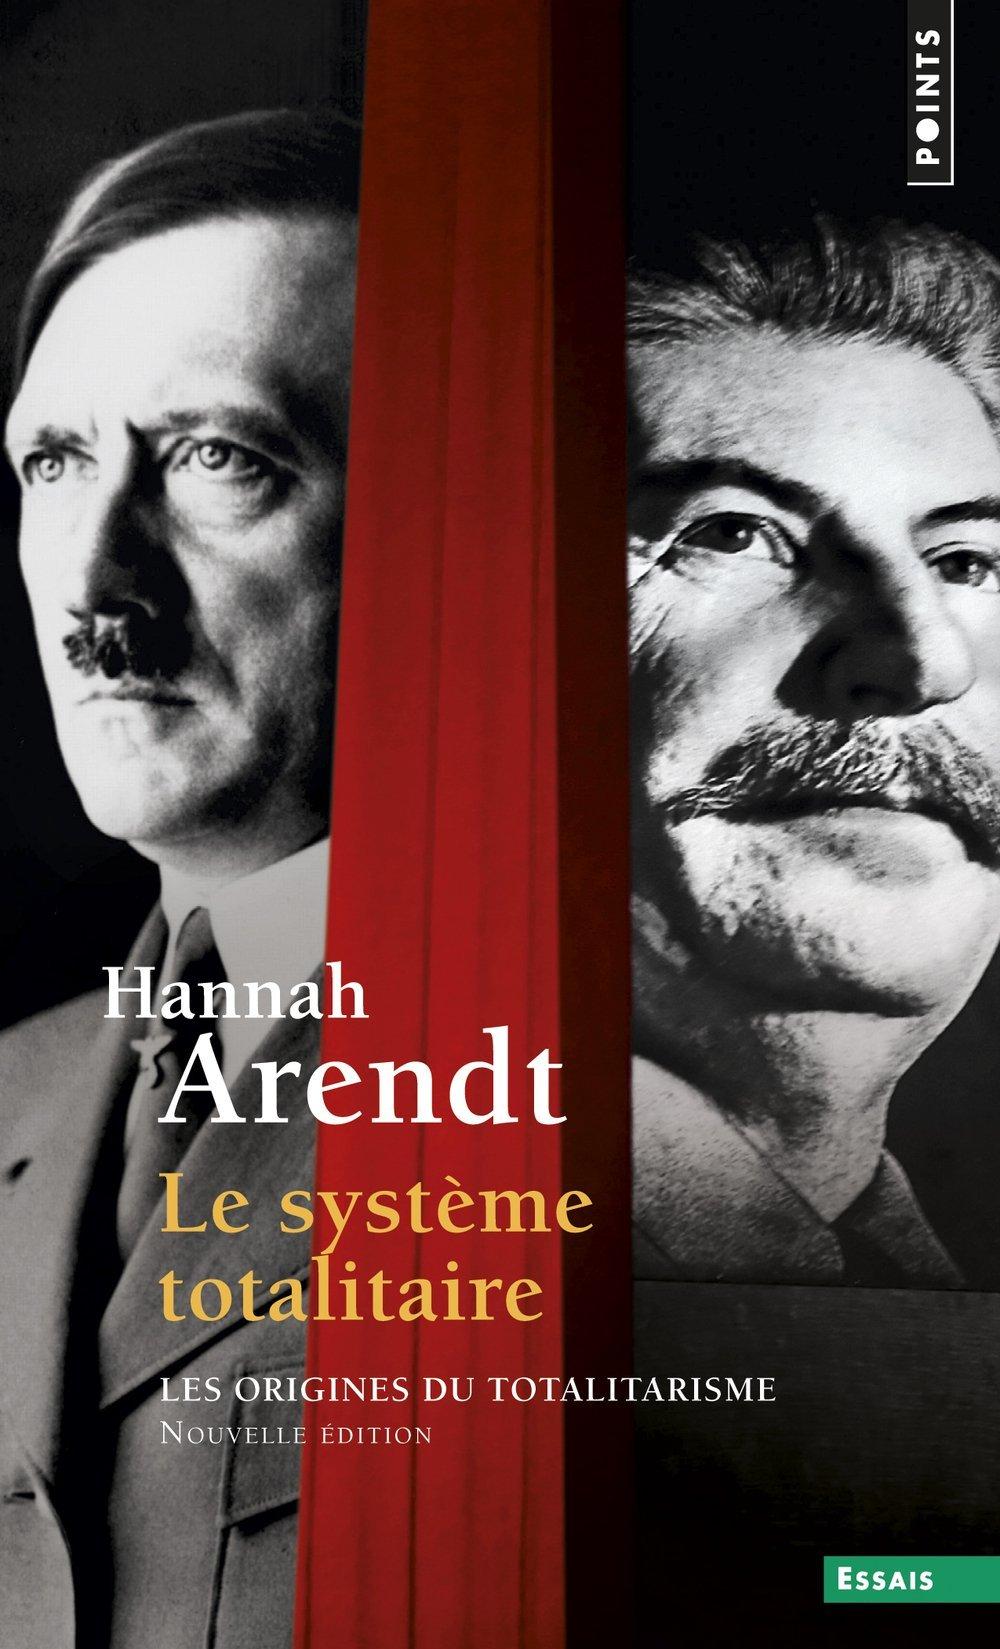 Le système totalitaire. Les origines du totalitarisme (3) Poche – 9 septembre 2005 Hannah Arendt Points 2020798905 Philosophie